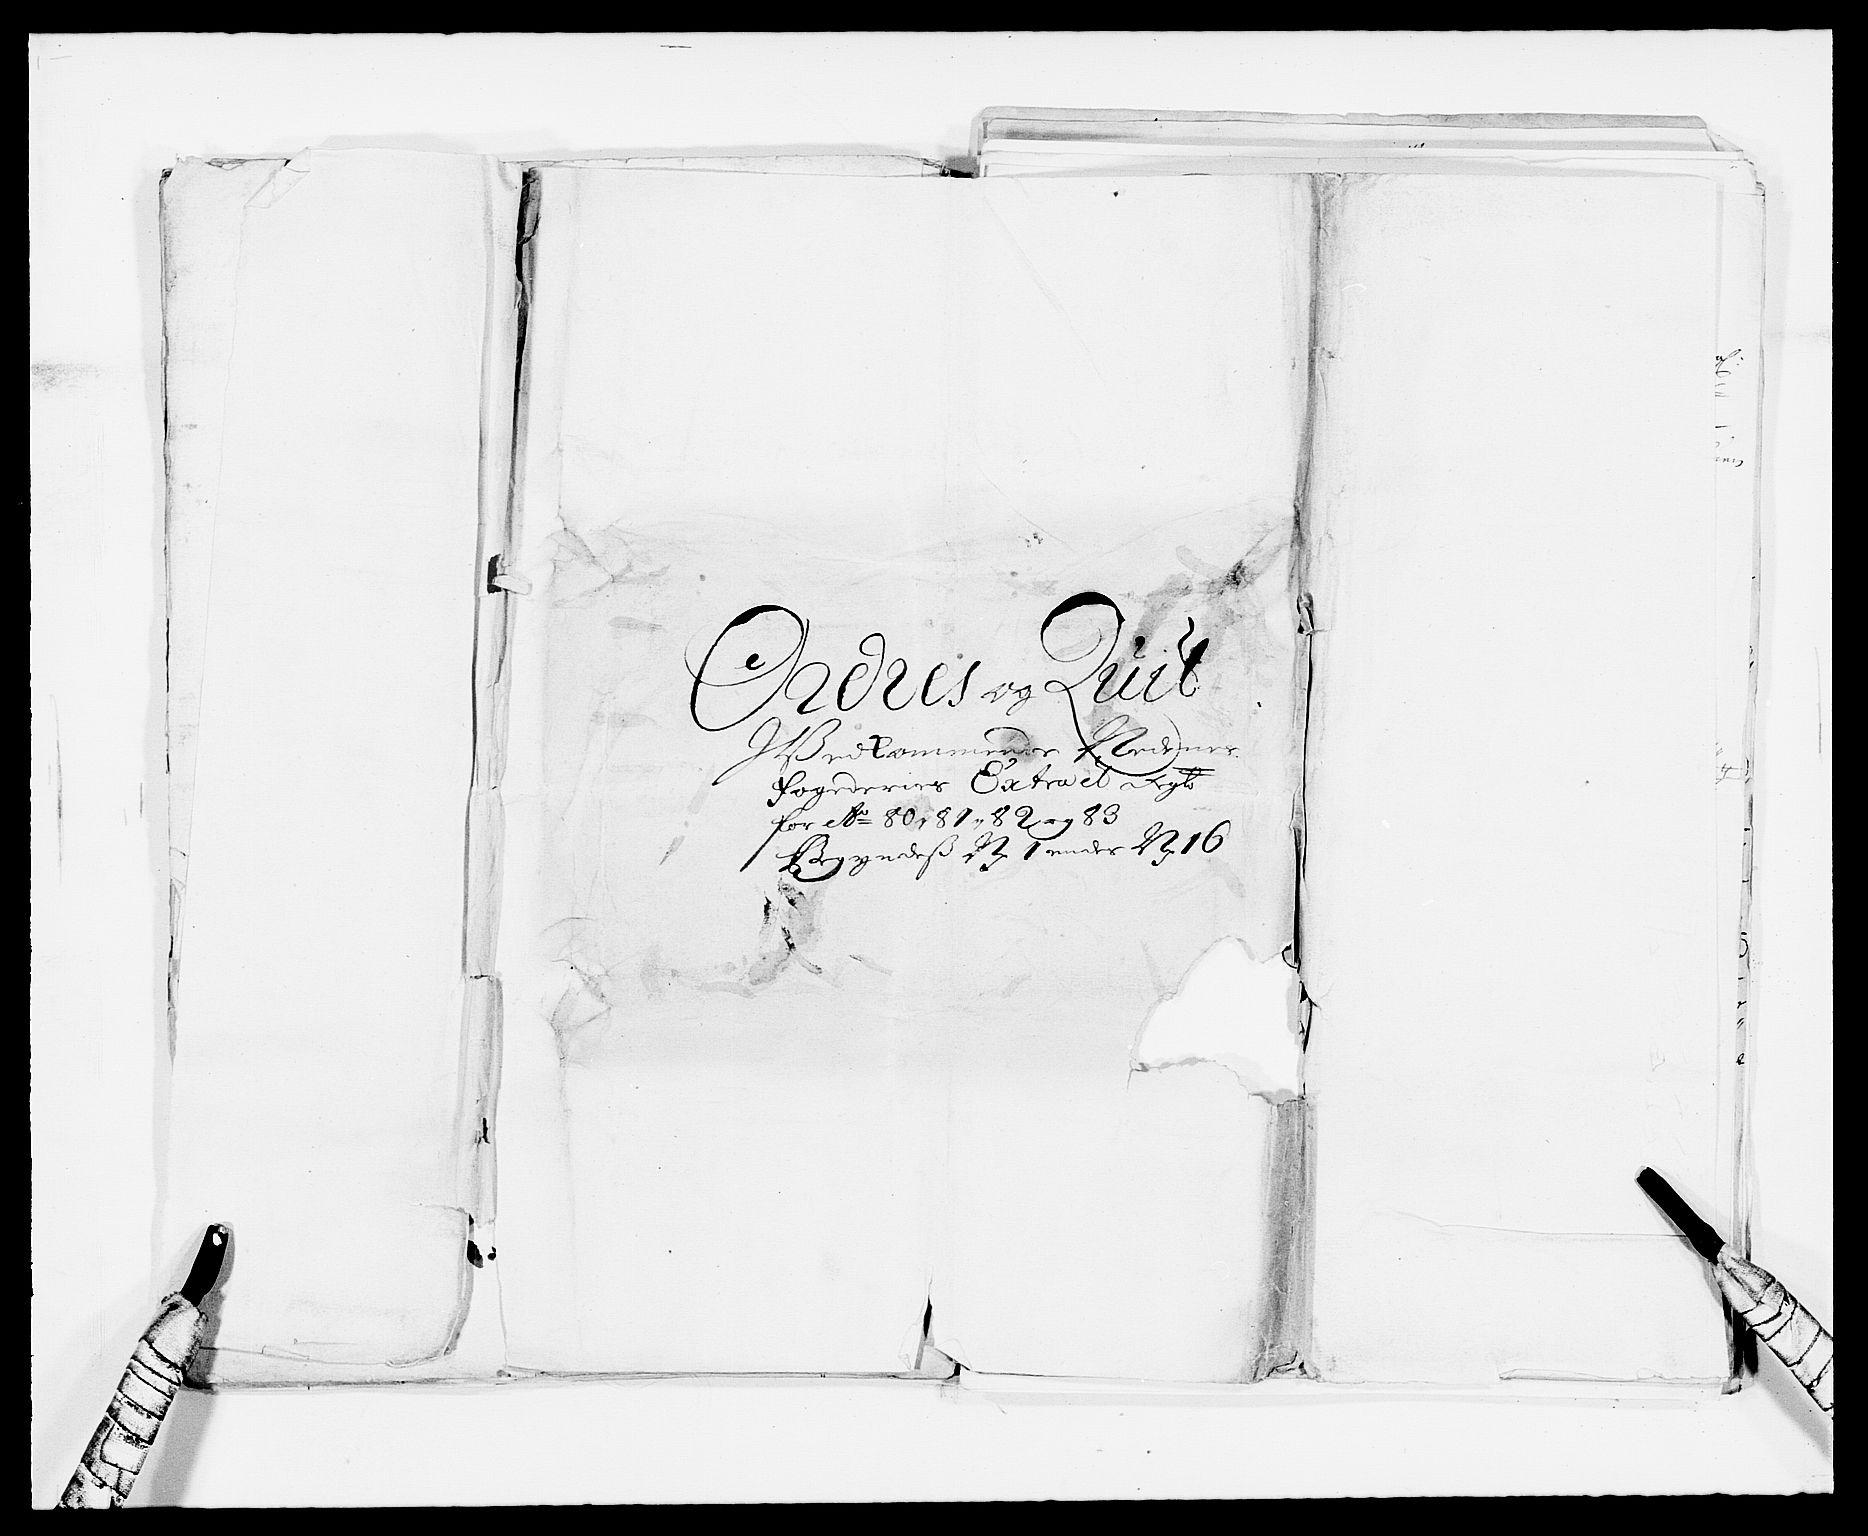 RA, Rentekammeret inntil 1814, Reviderte regnskaper, Fogderegnskap, R39/L2306: Fogderegnskap Nedenes, 1680-1683, s. 16